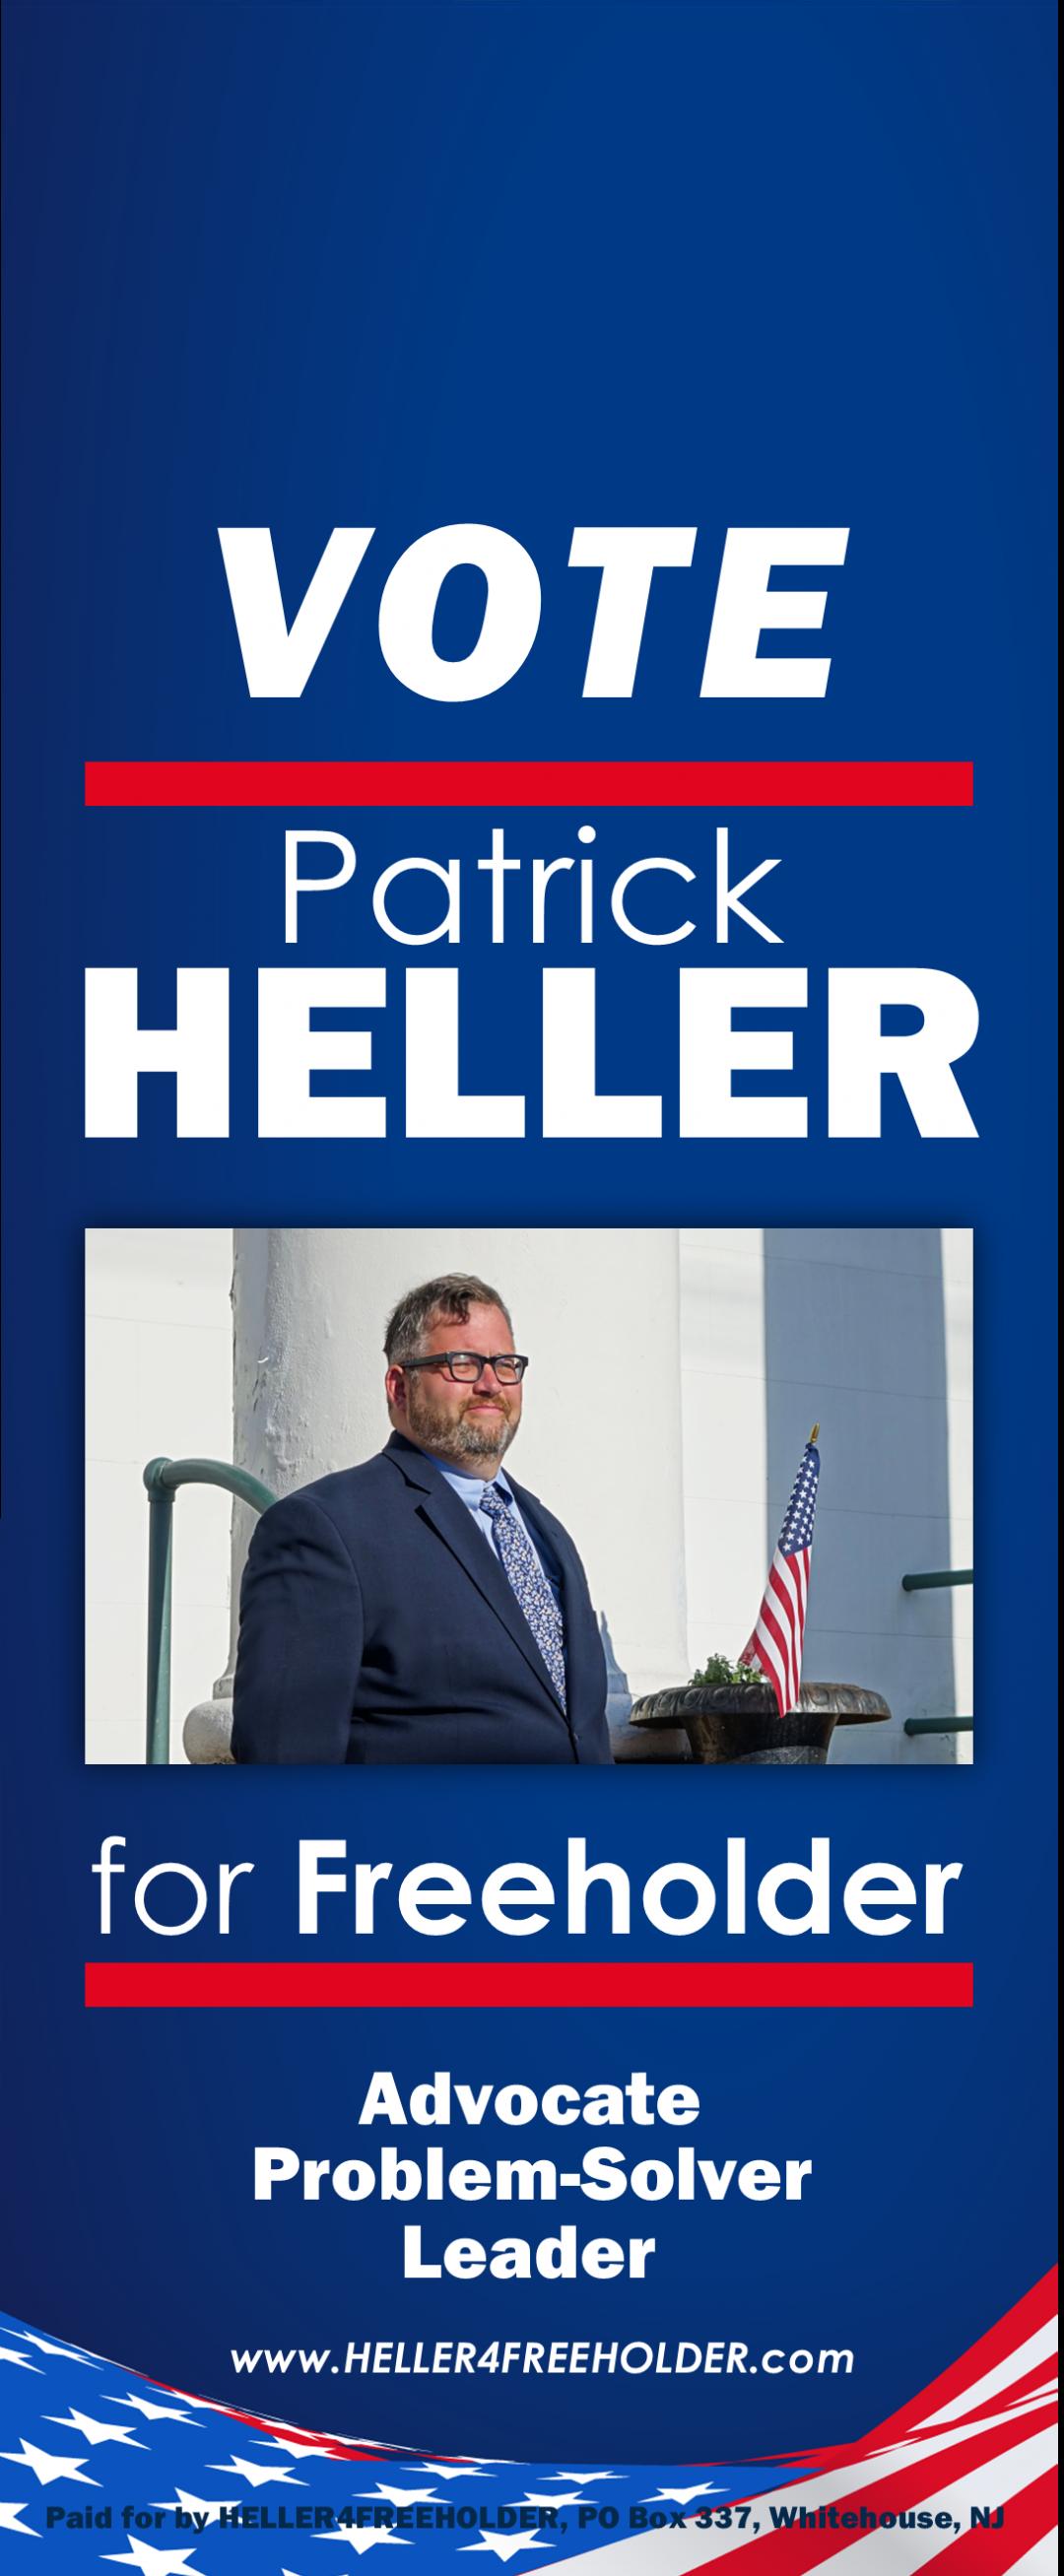 Heller Door Hanger - www.visualbreakthroughs.com